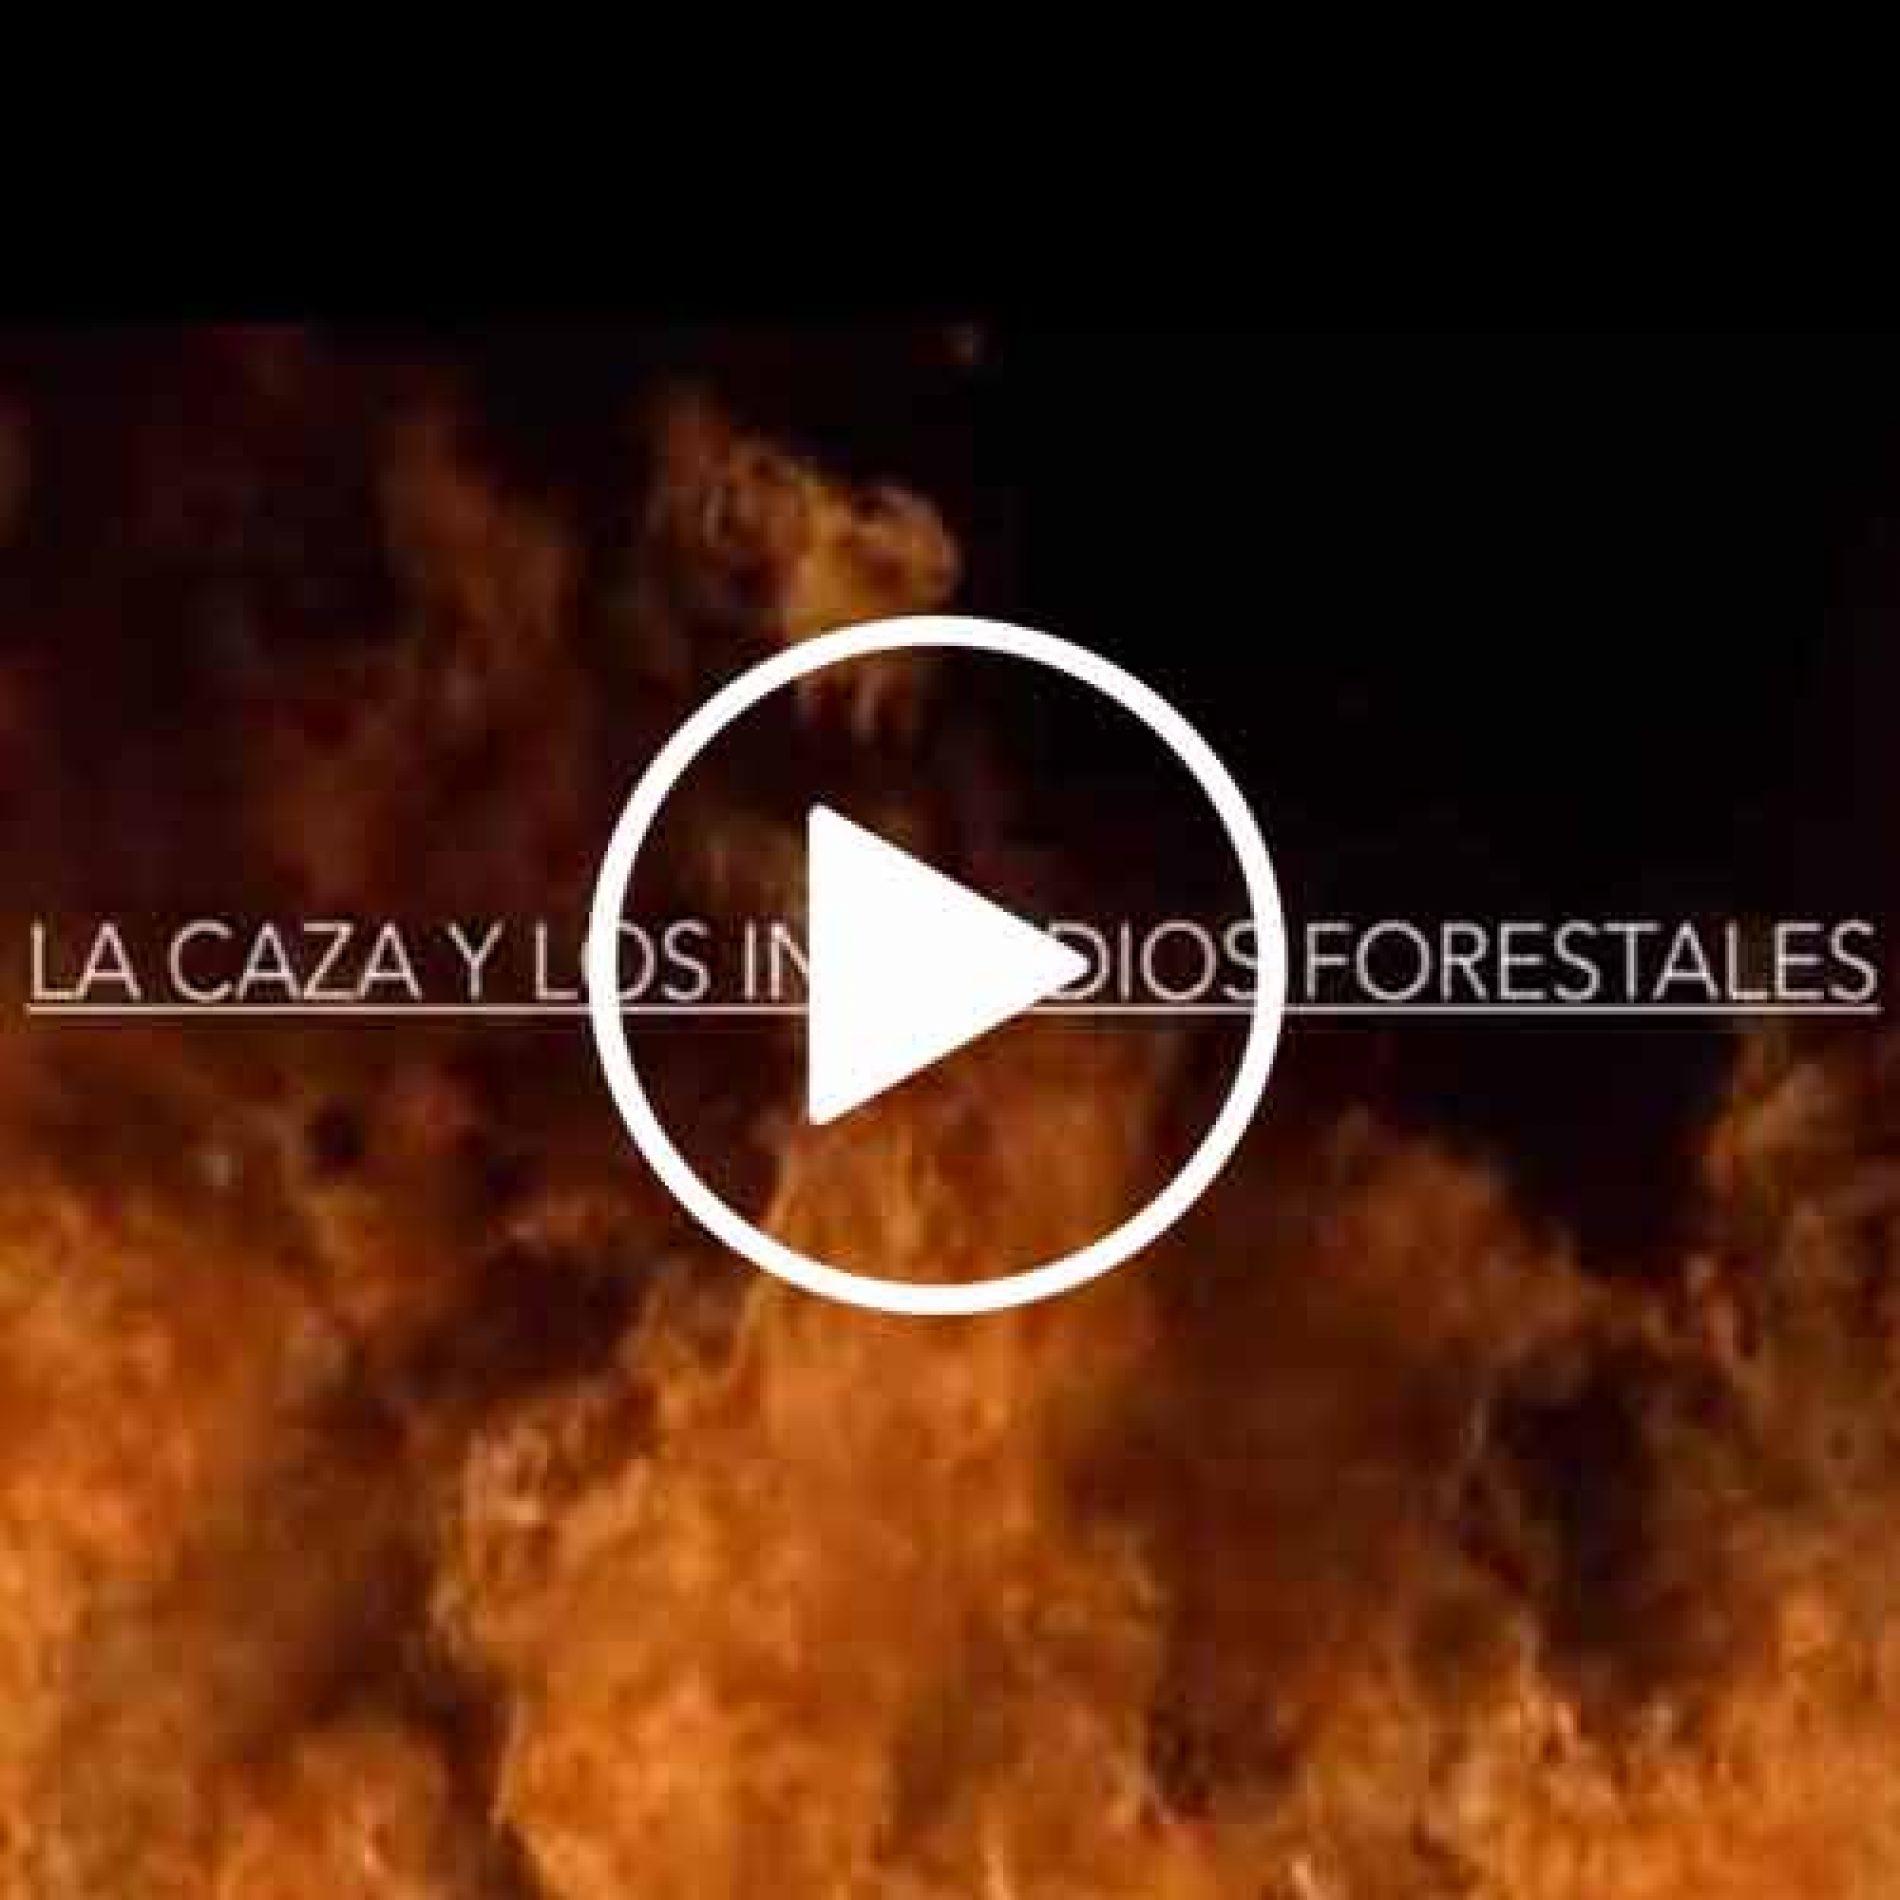 Documental, La caza y los incendios forestales